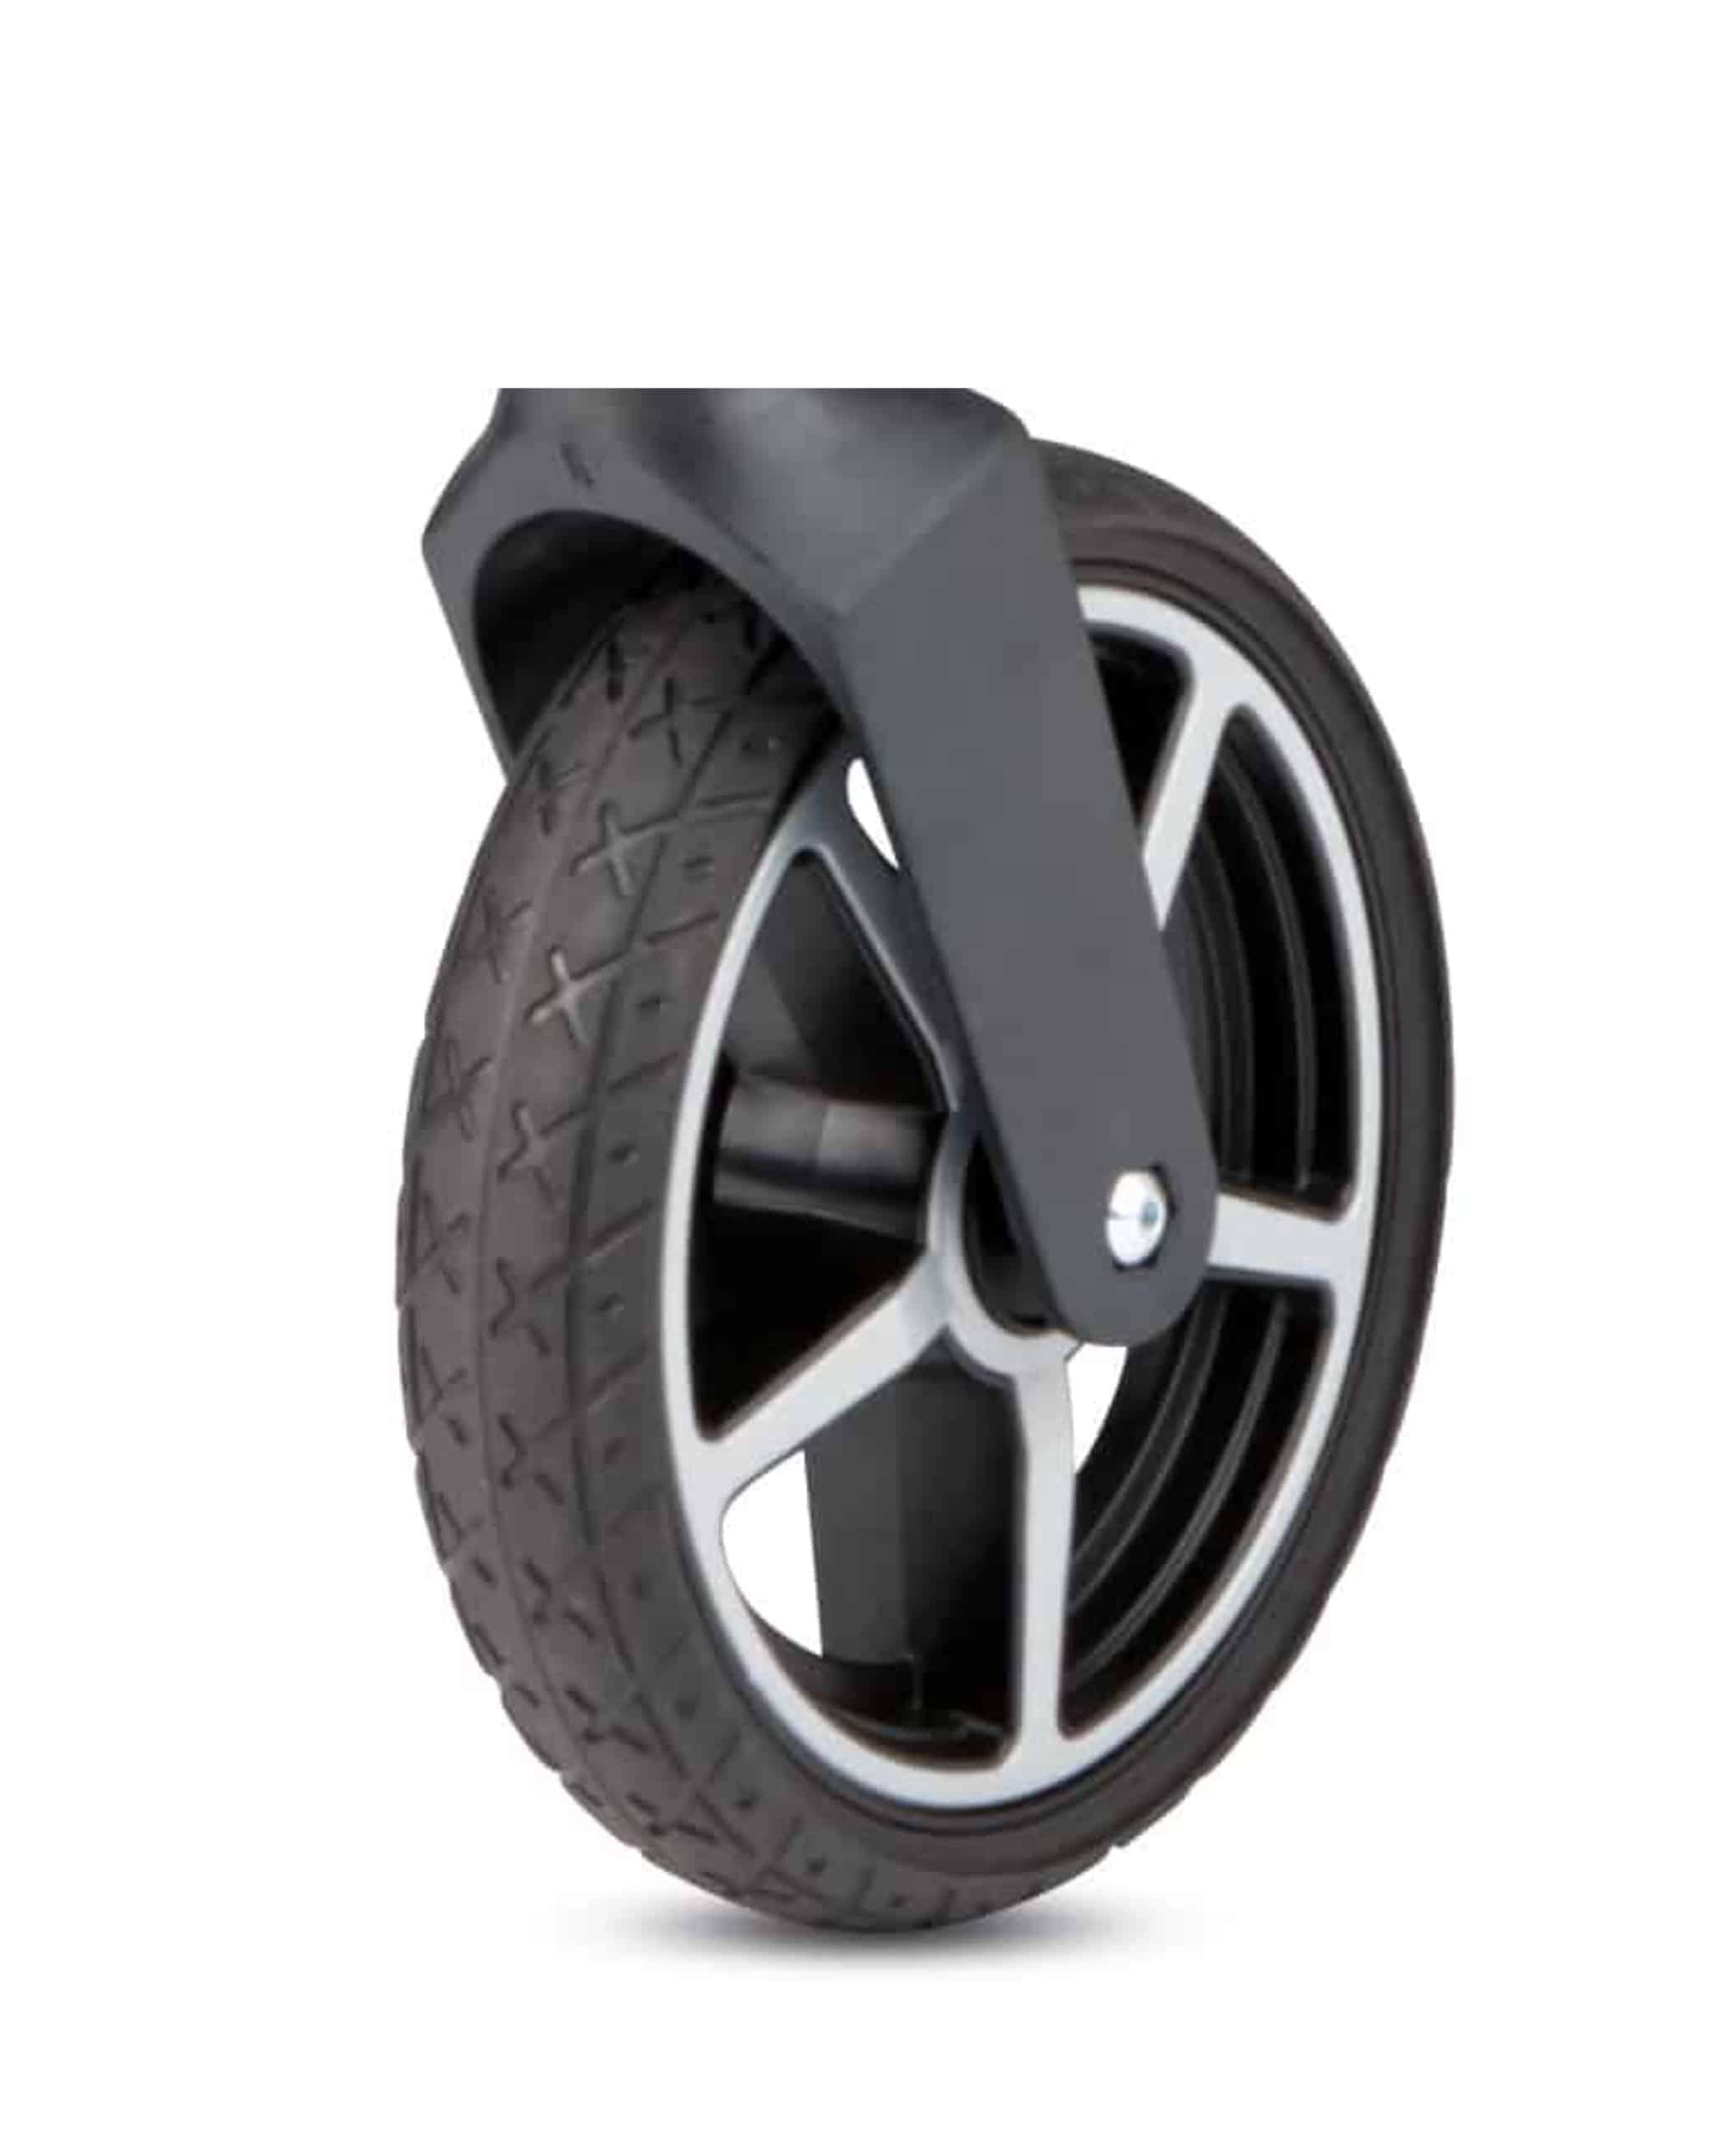 Main-Profile-Wheels-Side-Profile-Feature-Image